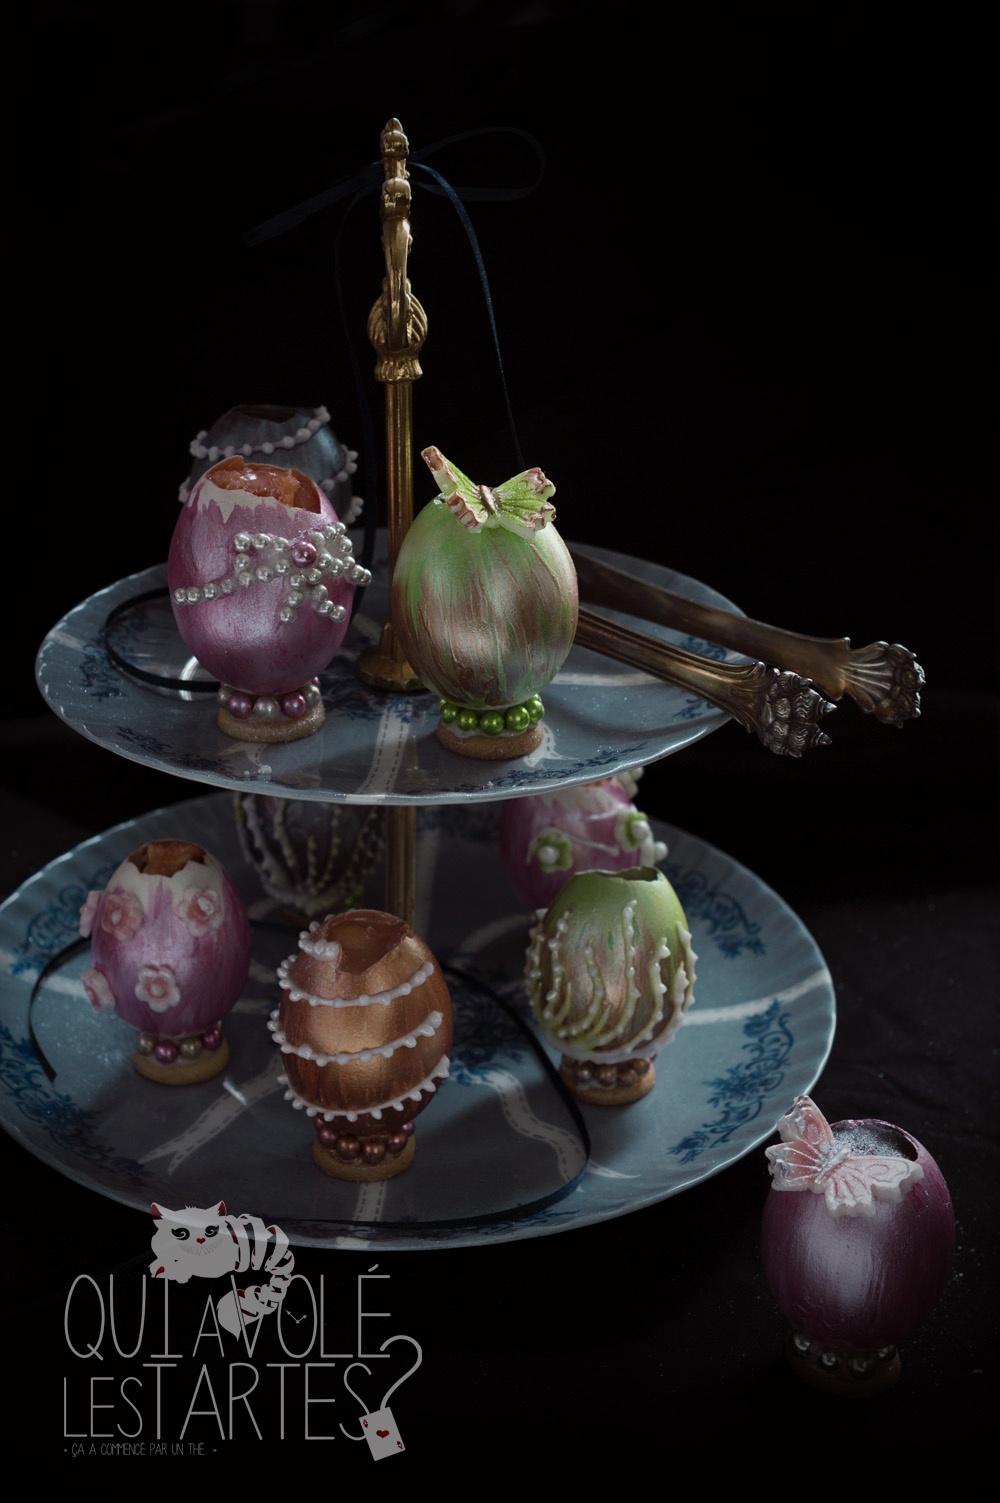 Oeufs façon Fabergé 3 - Studio 2 création - Qui a volé les tartes